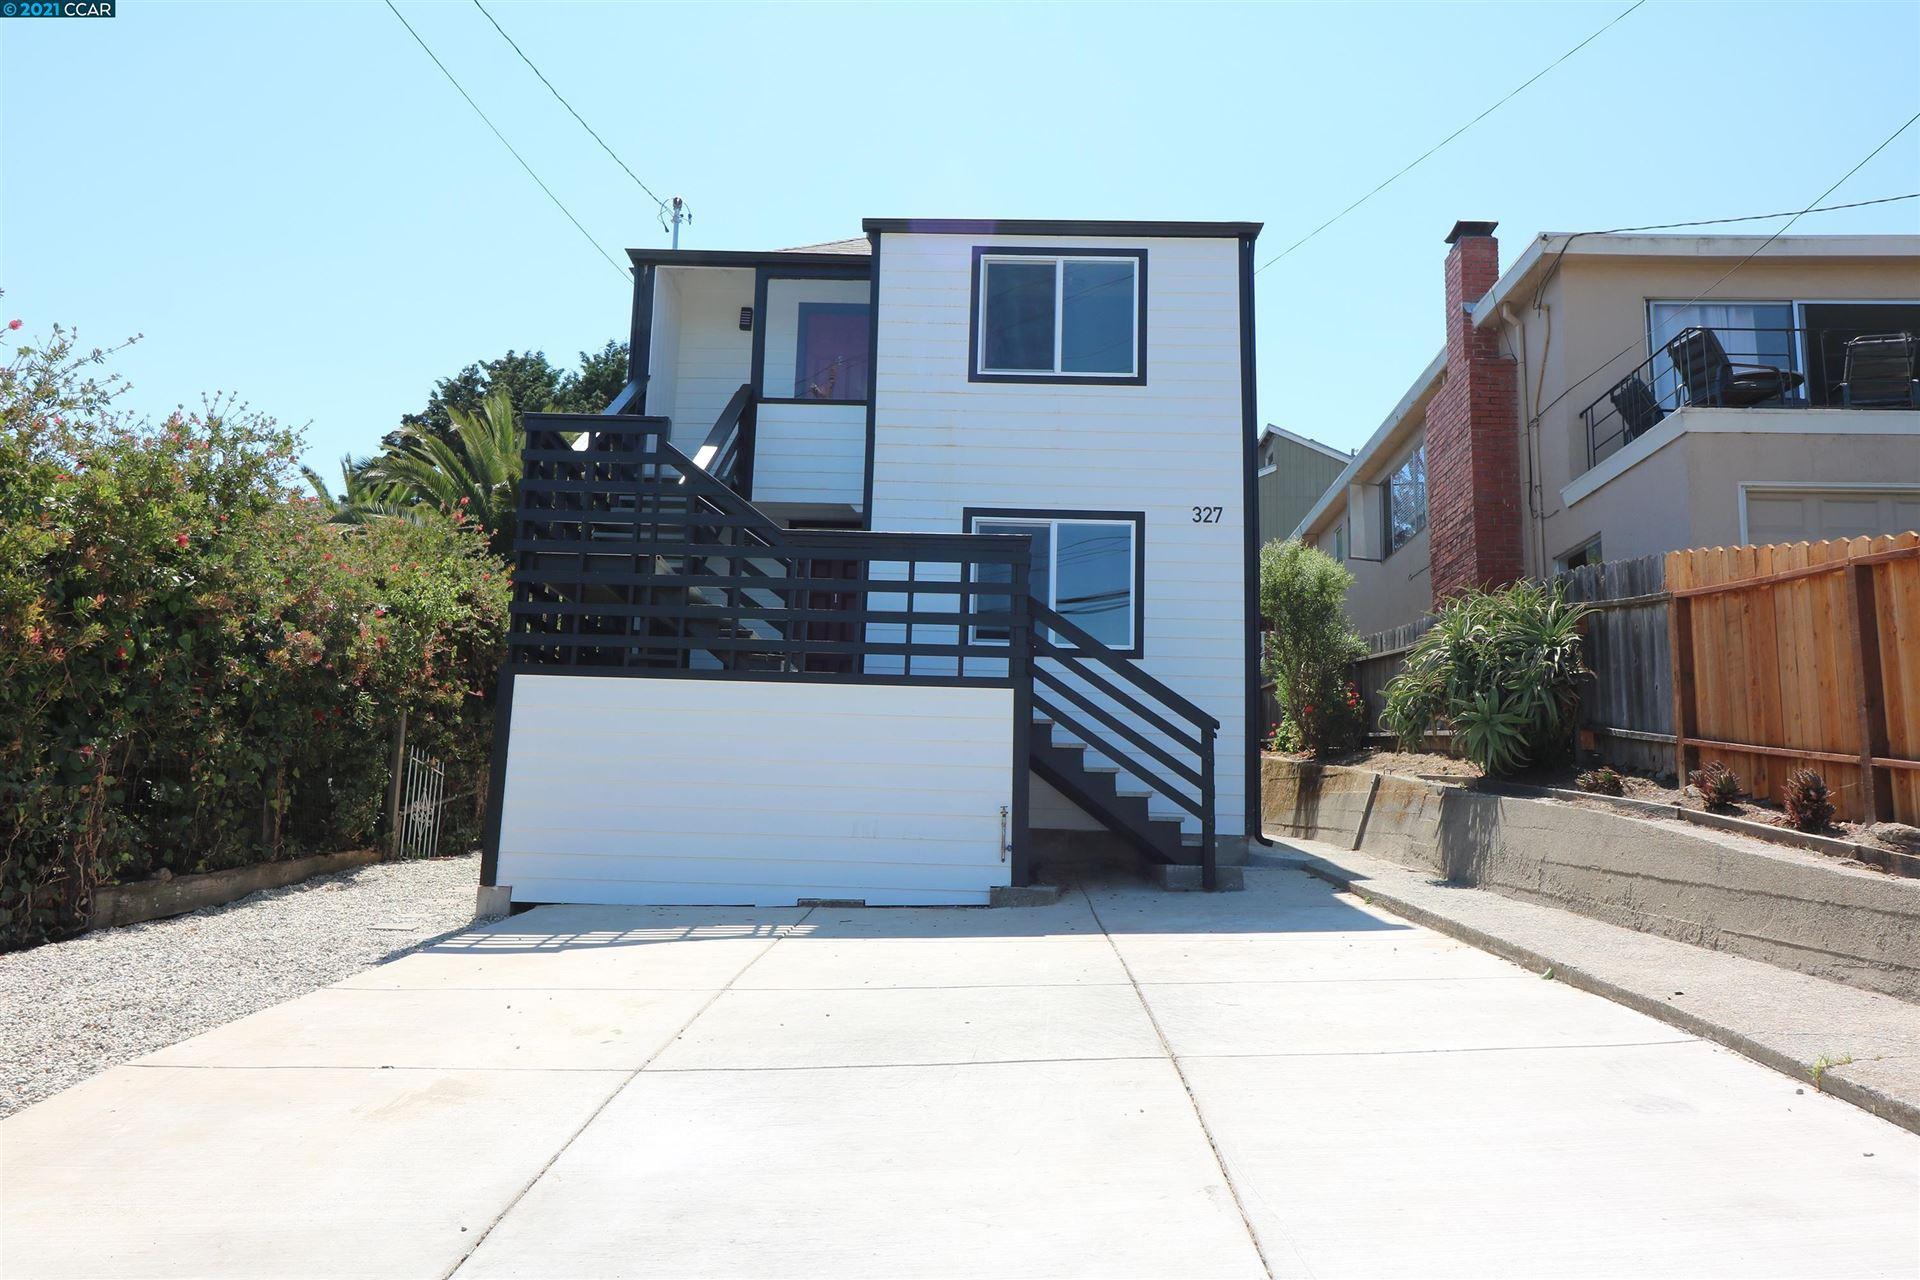 Photo of 327 Tewksbury Ave, RICHMOND, CA 94801 (MLS # 40964051)